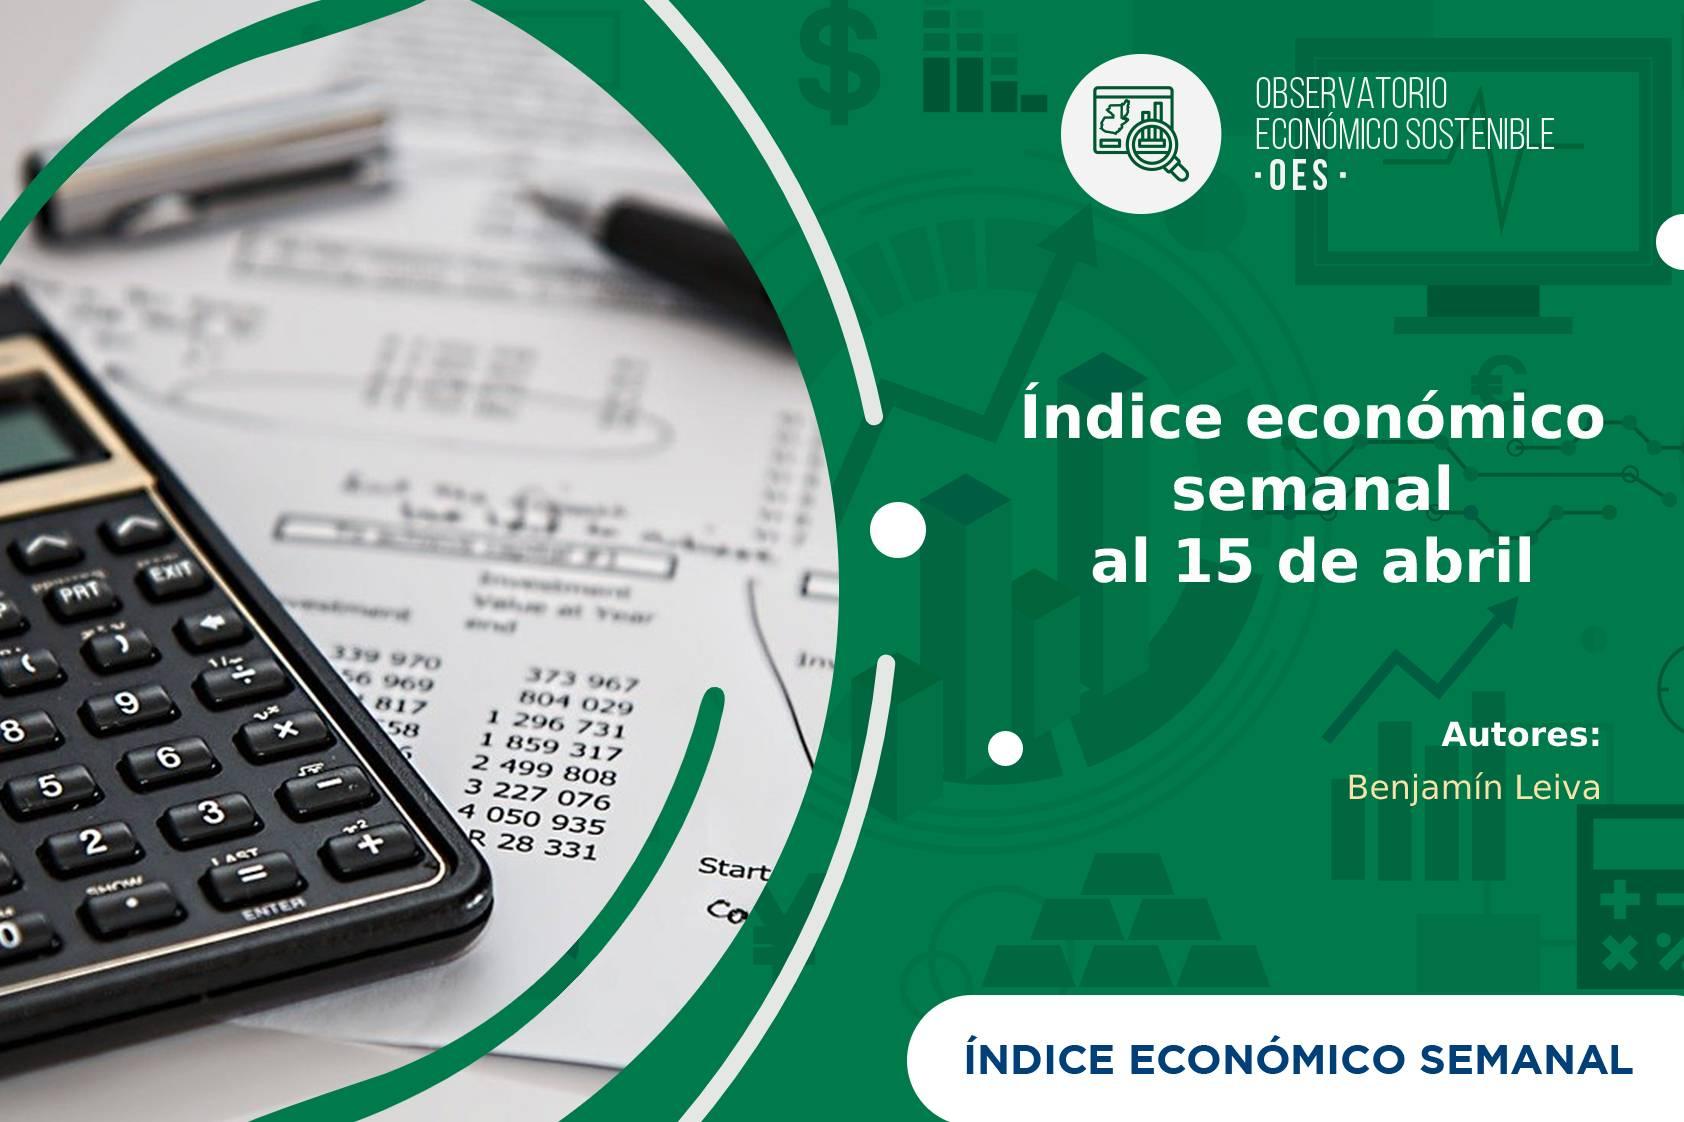 Fuerte mejora gracias a la compra de petróleo y aumento de las exportaciones en el IES al 15 de abril